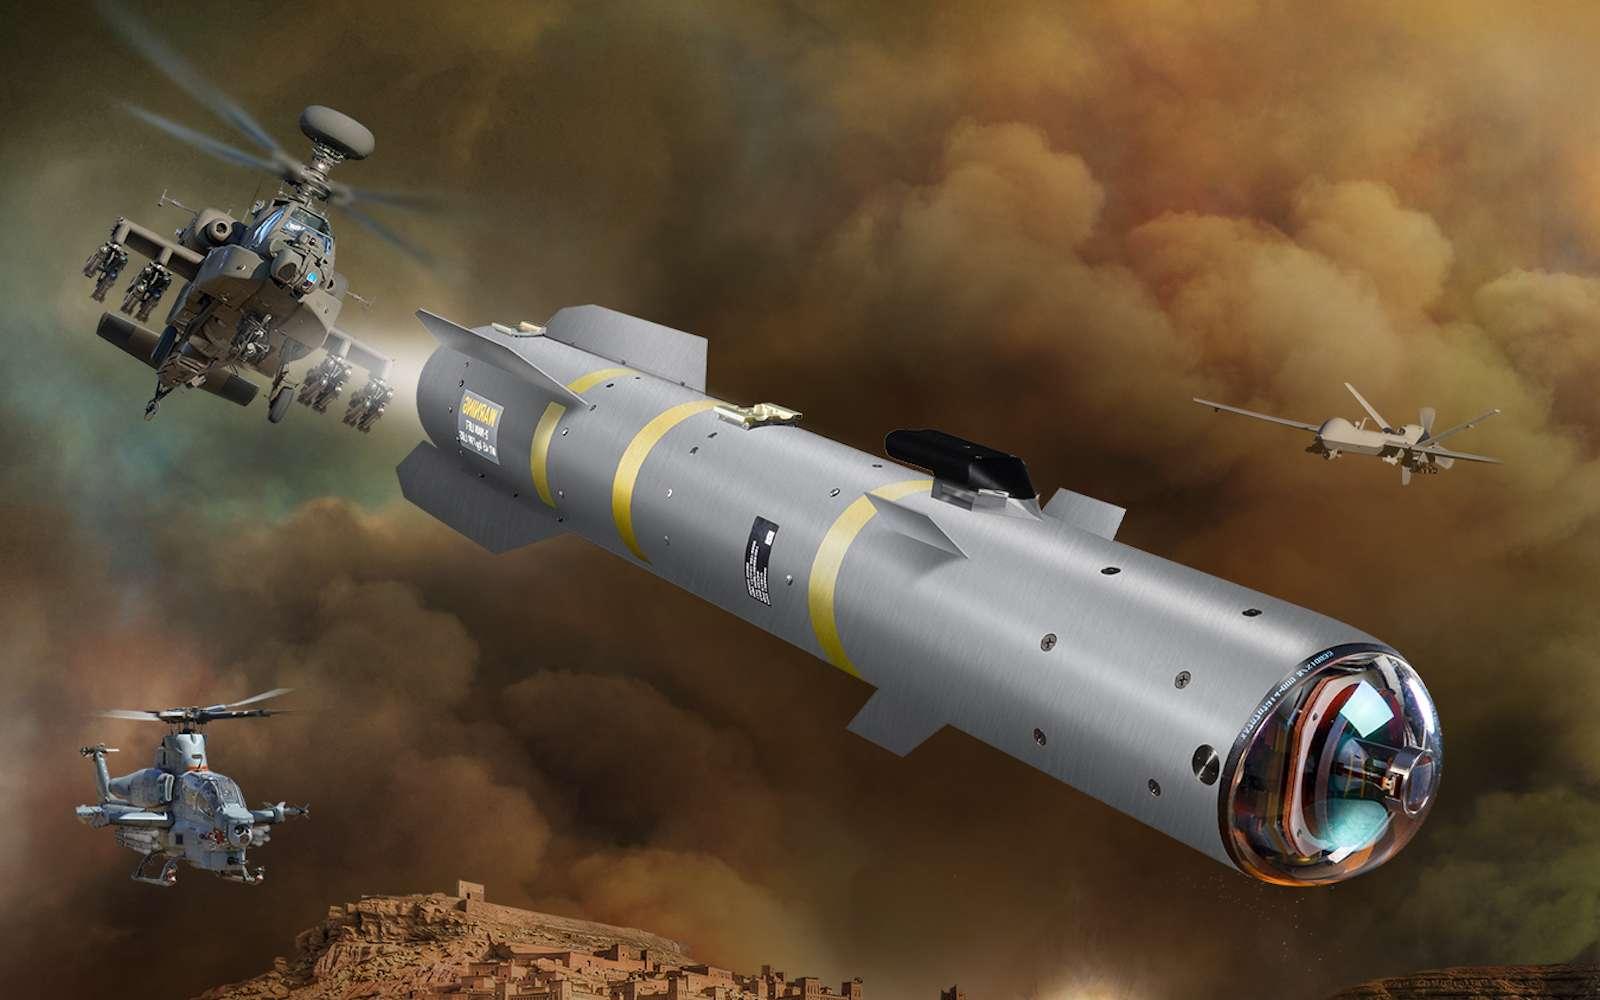 Le missile R9X est destiné à des attaques très ciblées contre des chefs terroristes. © Lockheed Martin